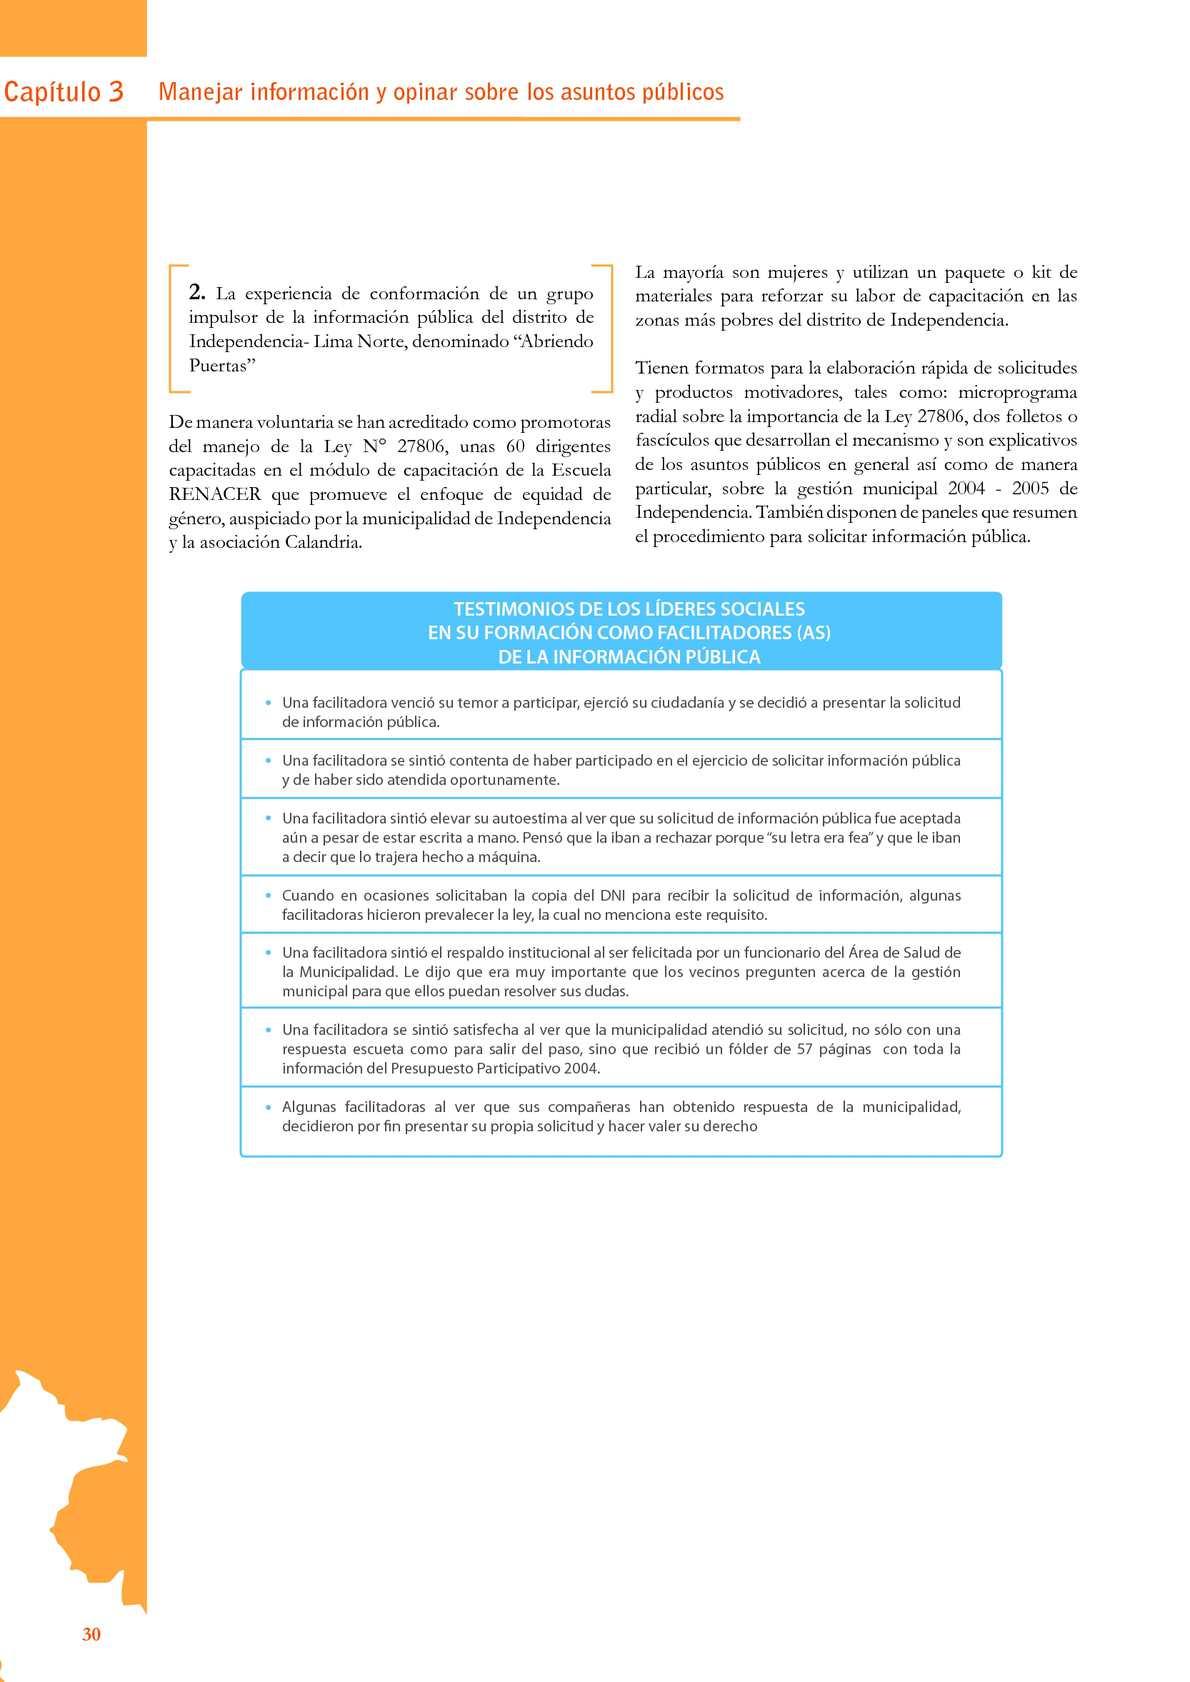 Guia De Participacion Ciudadana Del Peru Jne 2008 Calameo